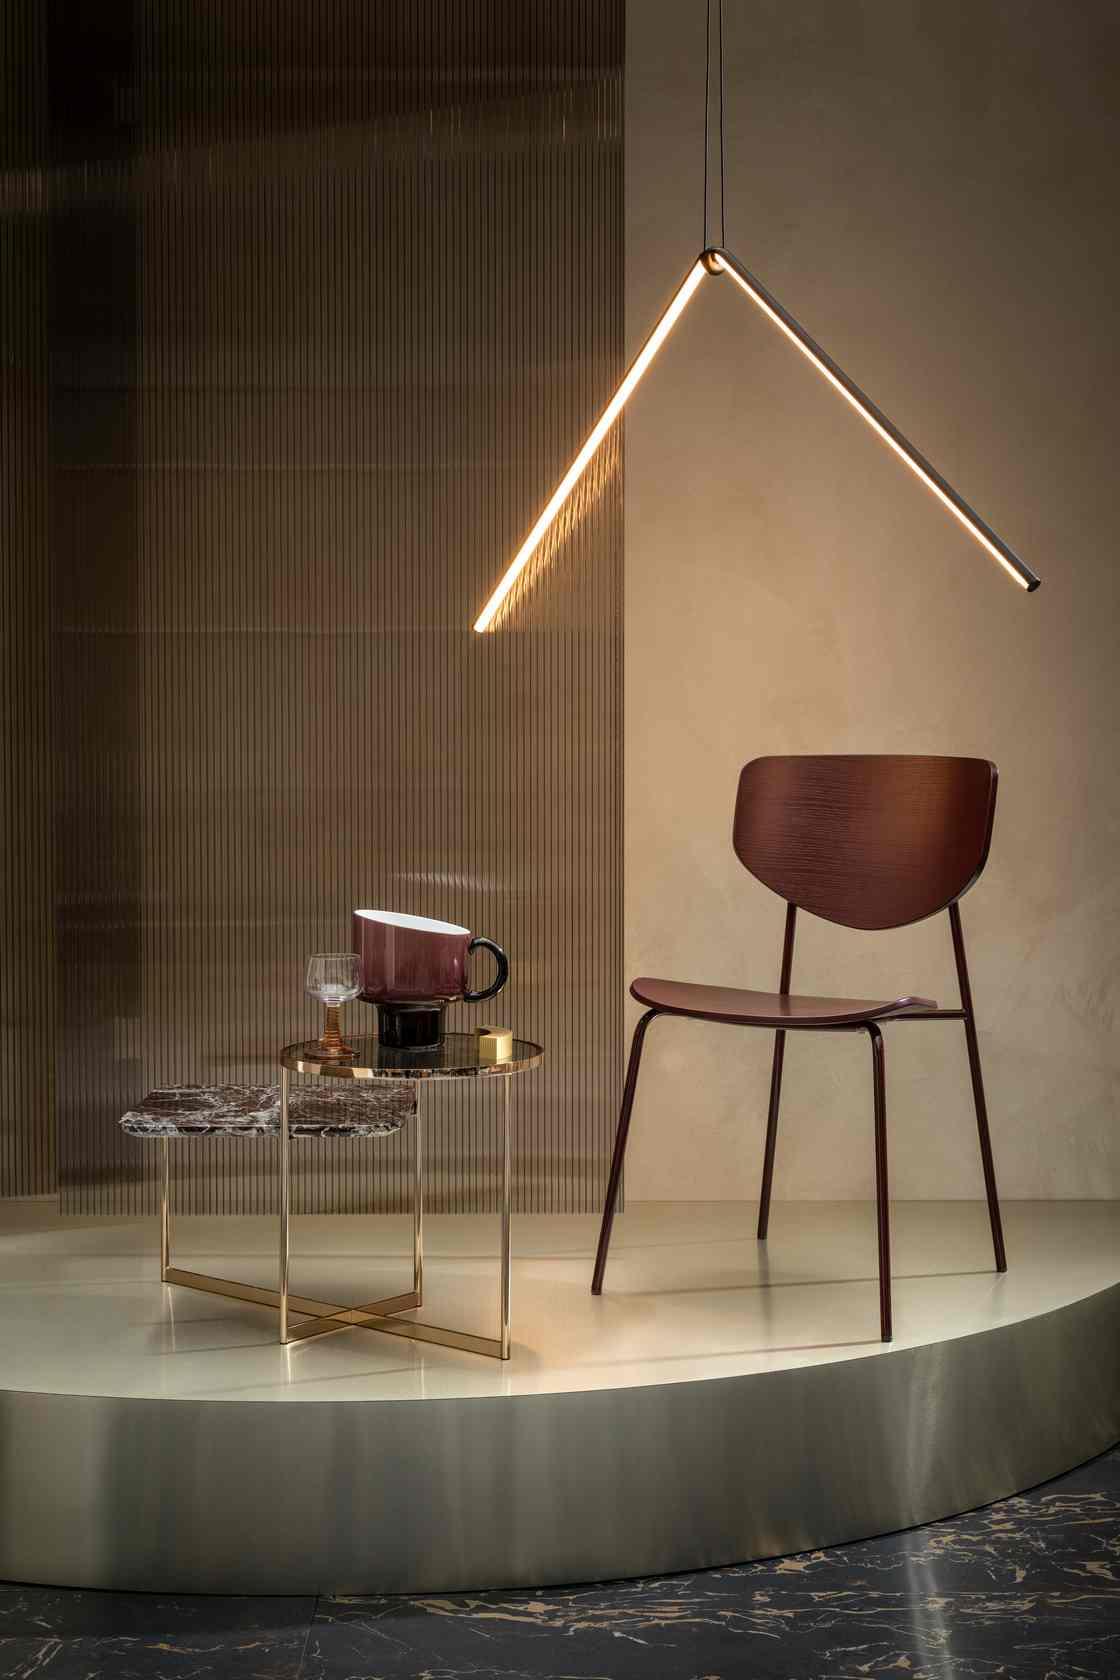 SP01_Mohana Medium Table and Caristo Chair_01.jpg